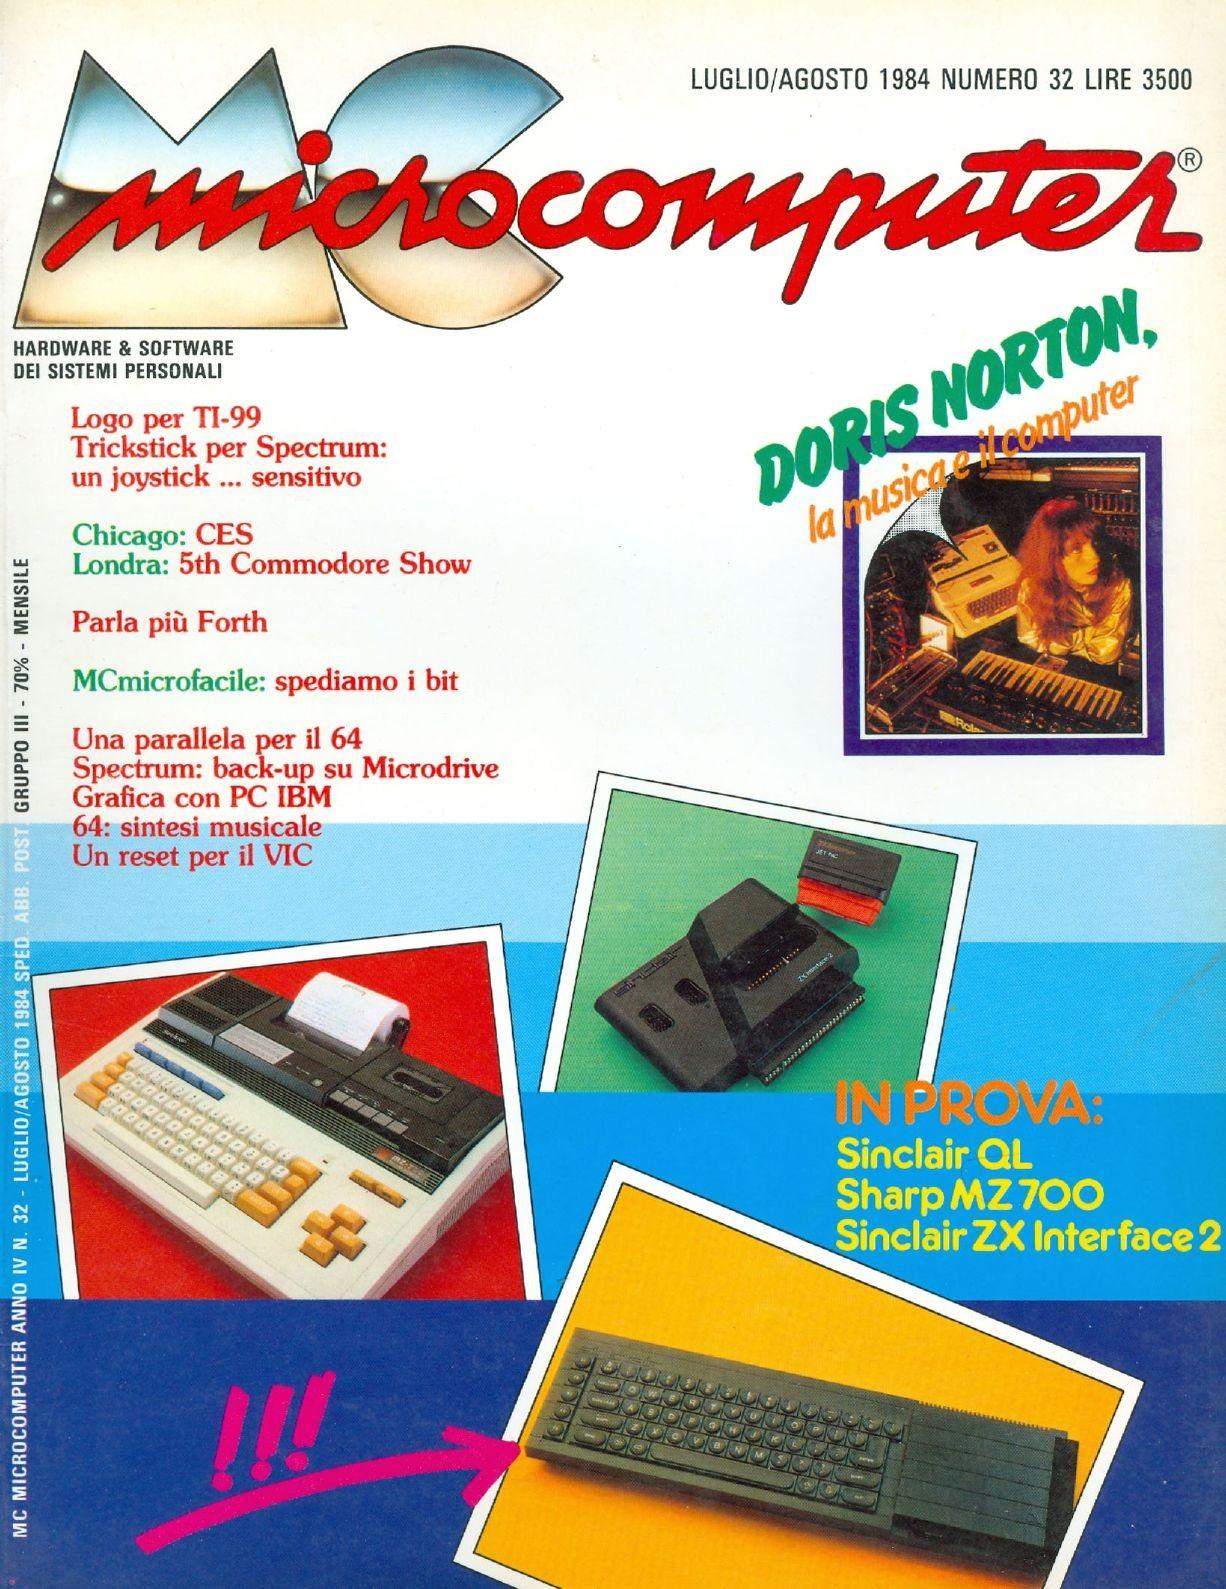 Calendario 2020 Tascabile Más Recientes 032 Mcmicro Puter by Adpware issuu Of Calendario 2020 Tascabile Actual Ge 2019 Calendar – Wonderful Gallery